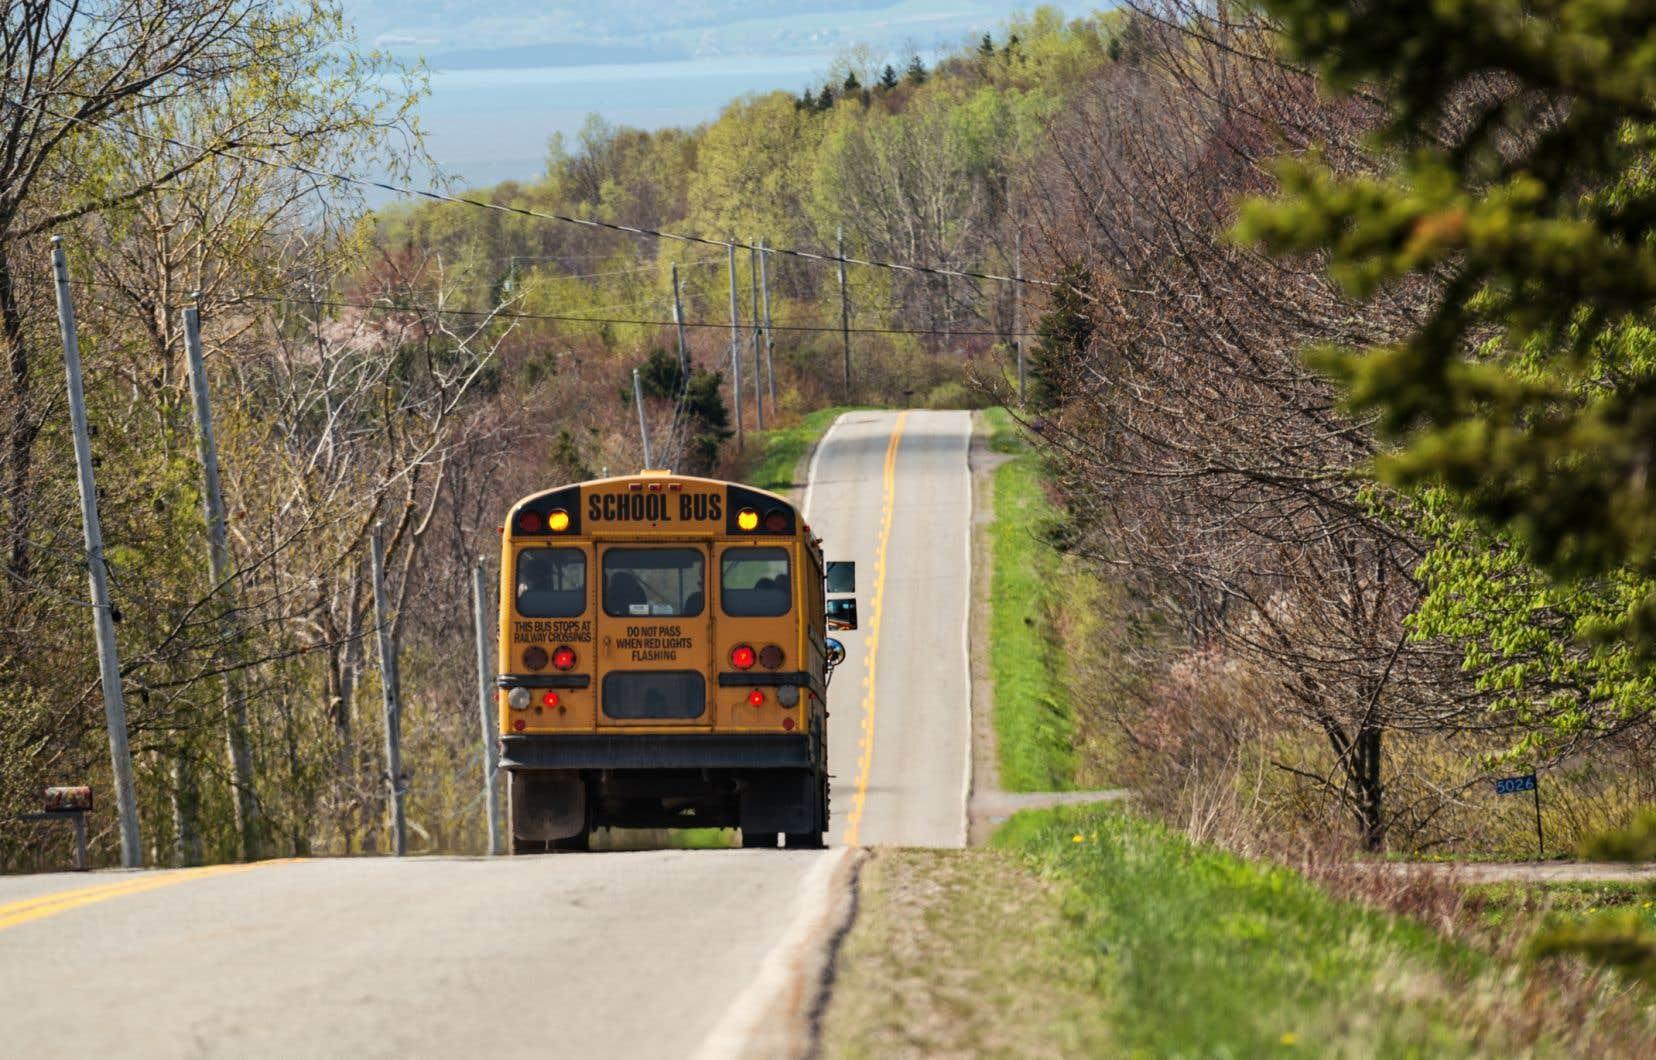 Certaines écoles du nord du Nouveau-Brunswick doivent fusionner, alors que d'autres ferment carrément leurs portes en raison du manque d'élèves, souligne l'auteure.